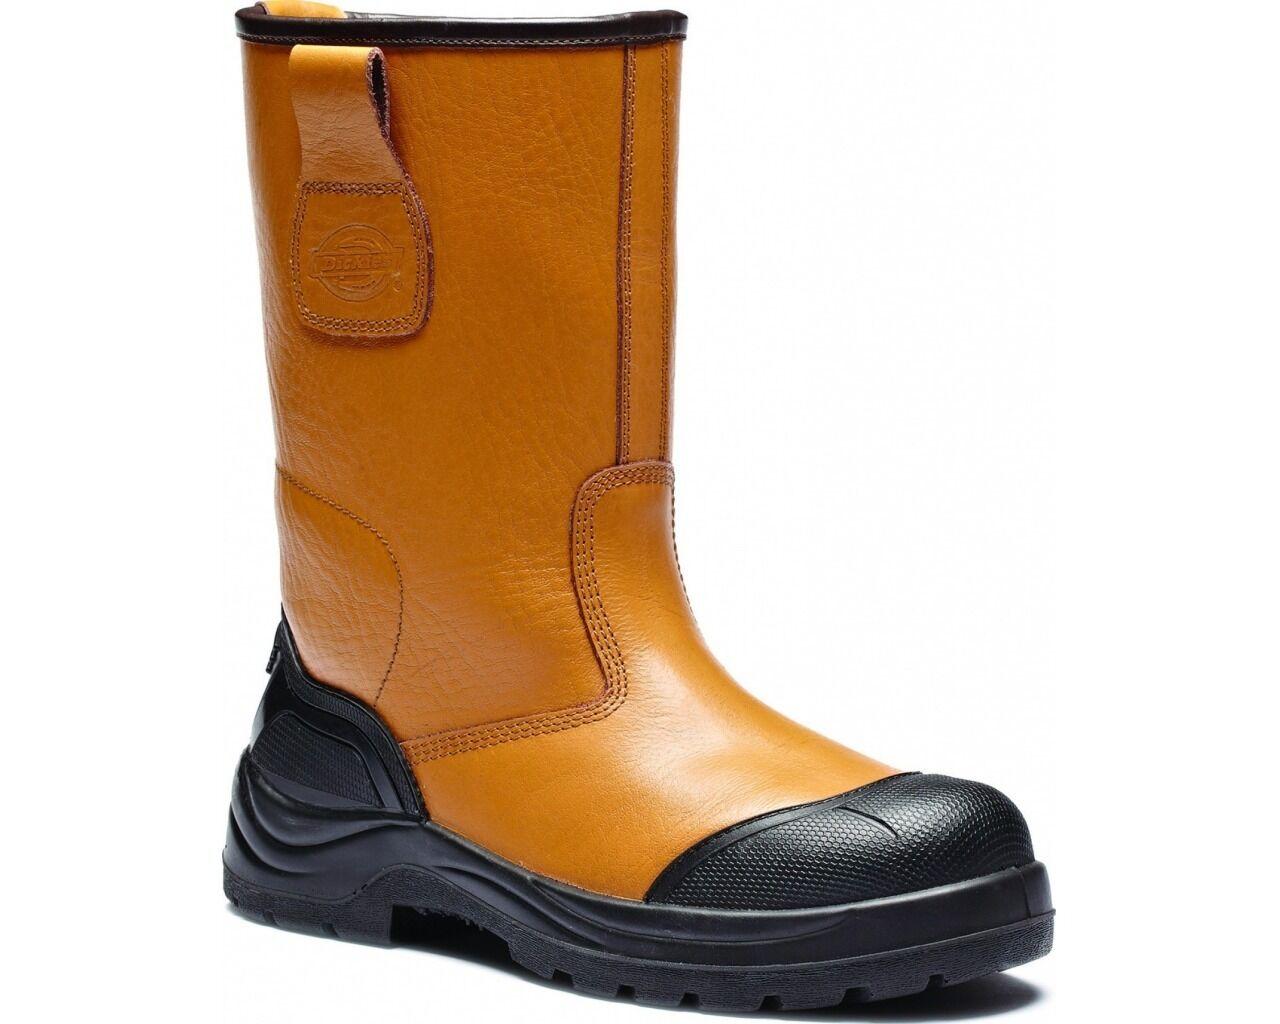 Herren Gefüttert Ausleger Stiefel Coweta so Stahlkappe Sicherheit Arbeitsstiefel